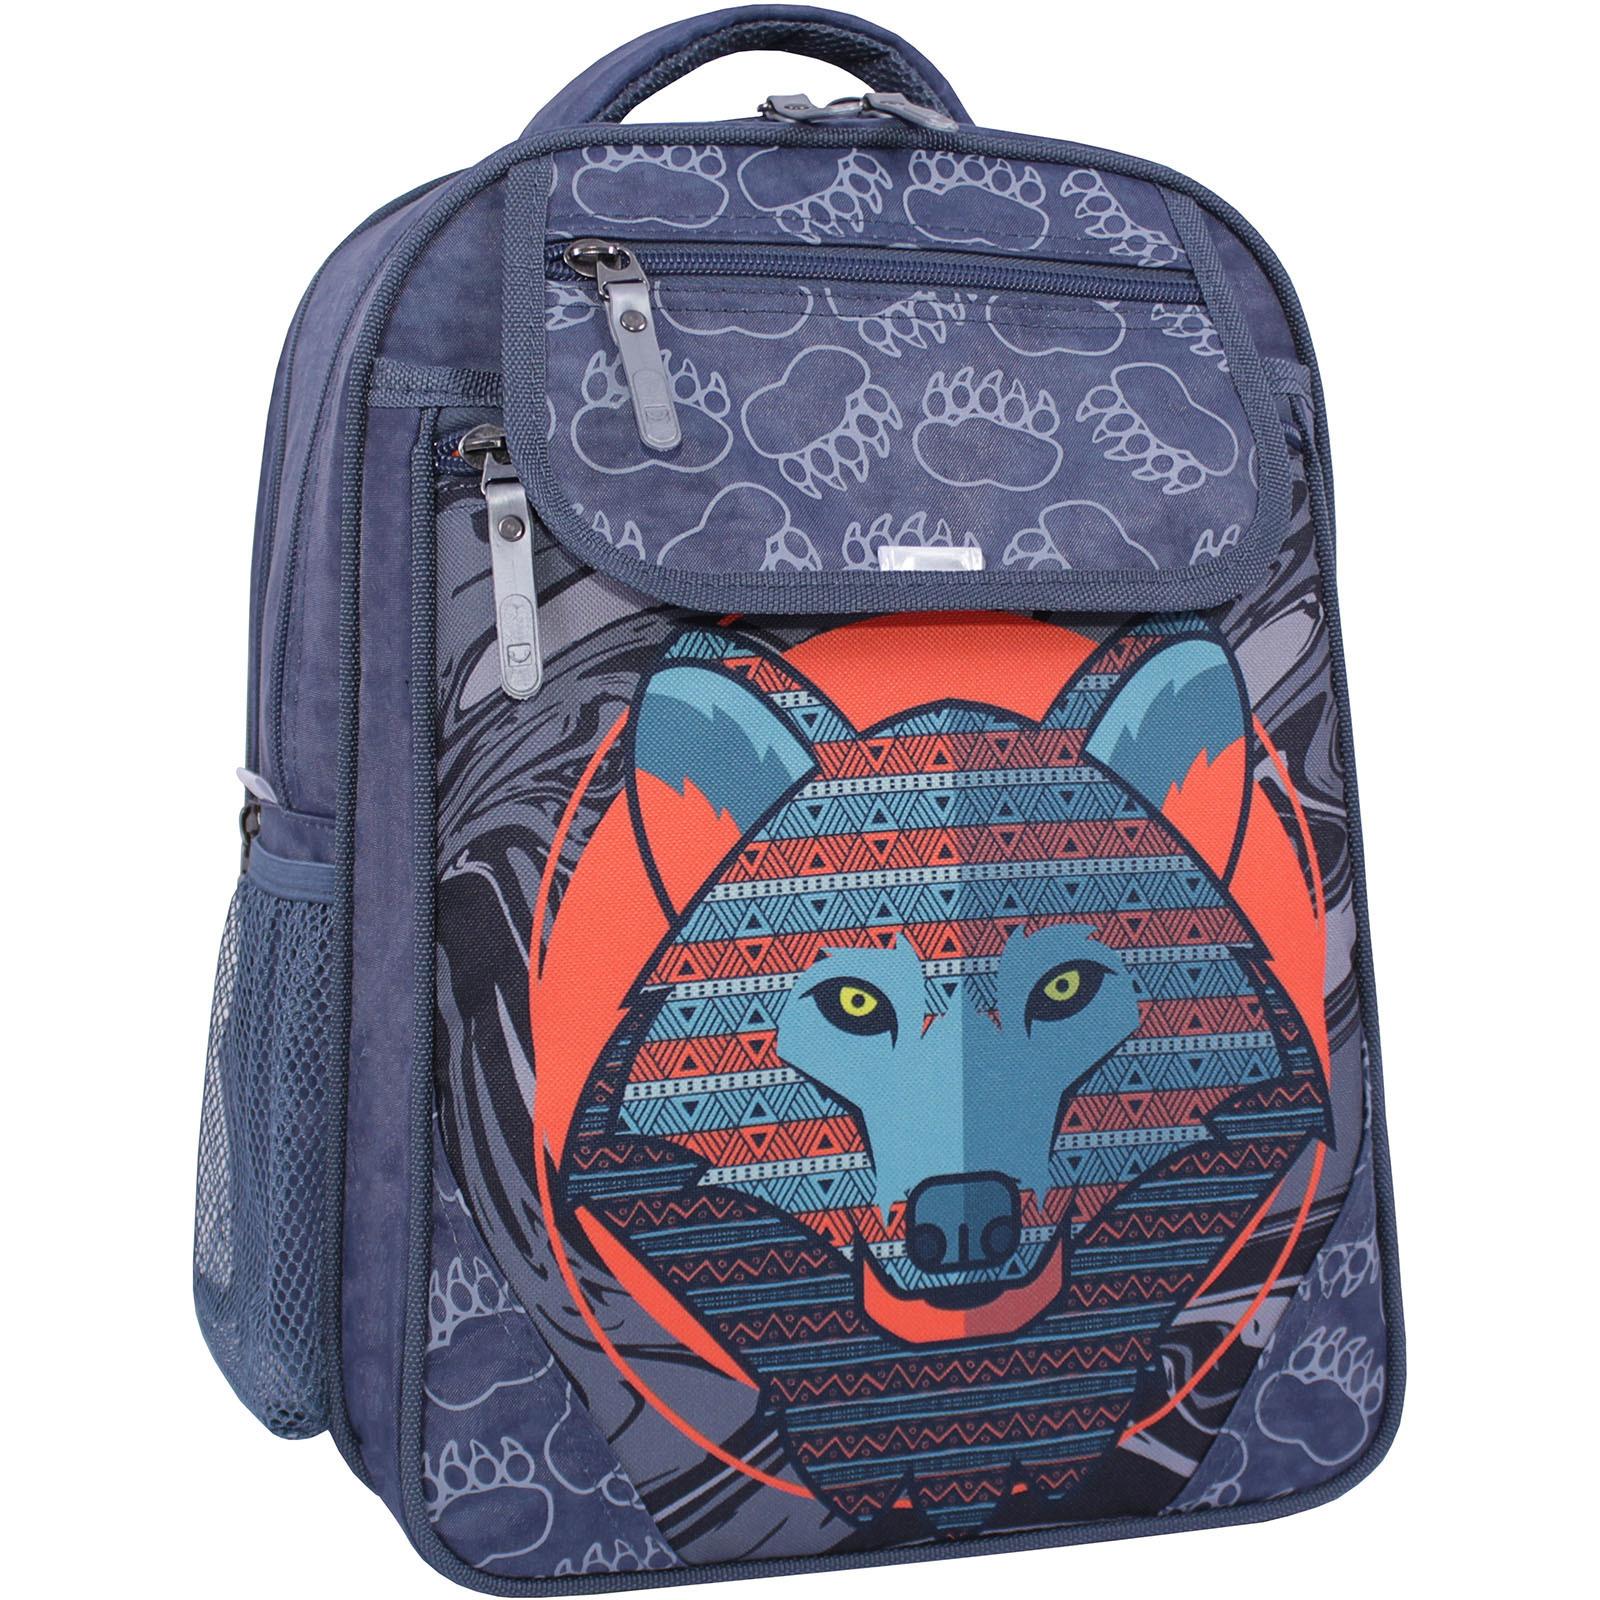 Детские рюкзаки Рюкзак школьный Bagland Отличник 20 л. 321 серый 509 (0058070) IMG_1269_суб.509_.JPG